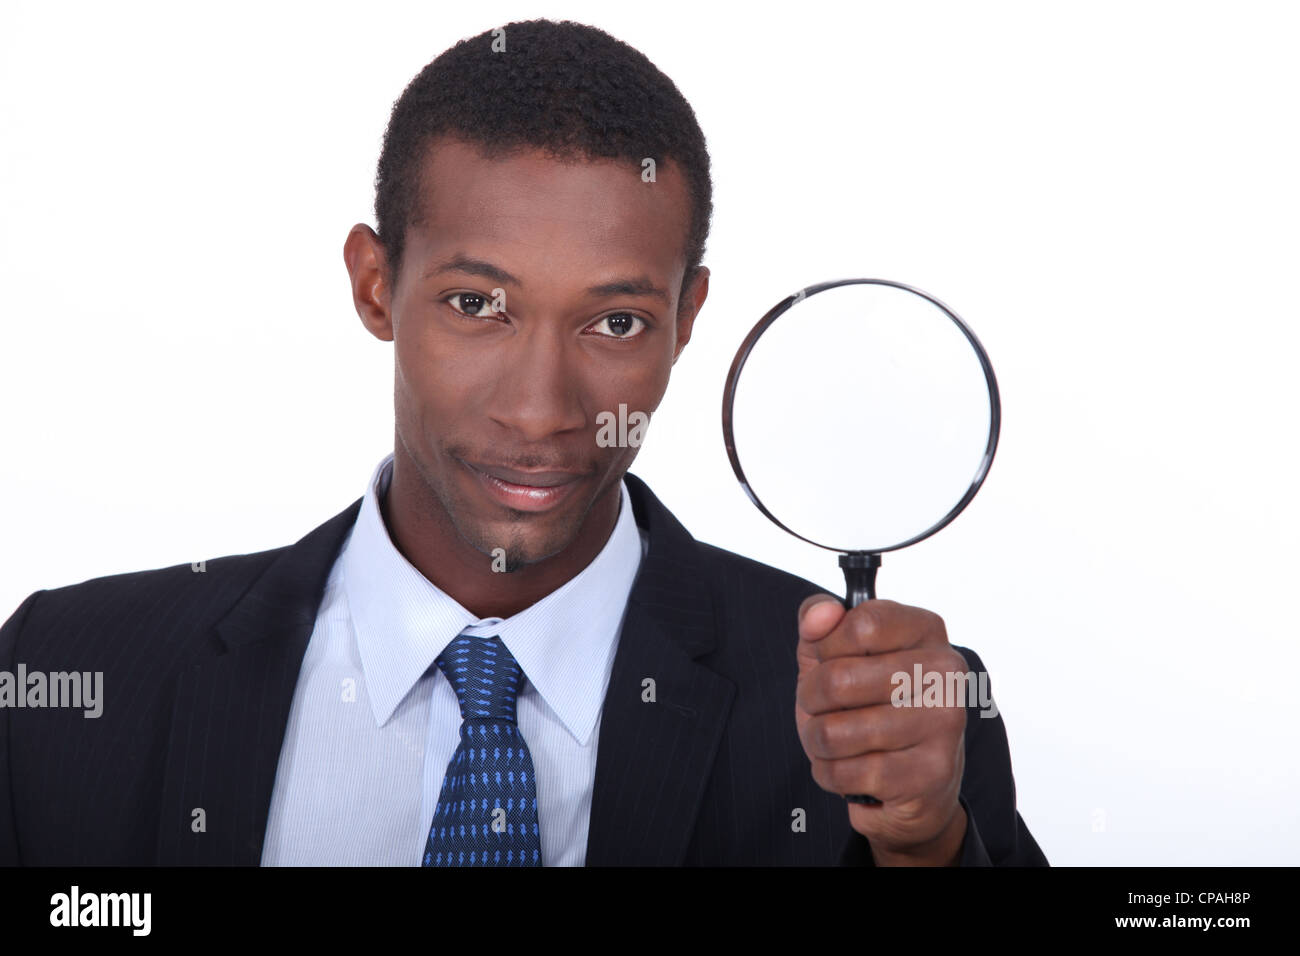 Porträt eines Mannes mit Lupe Stockbild